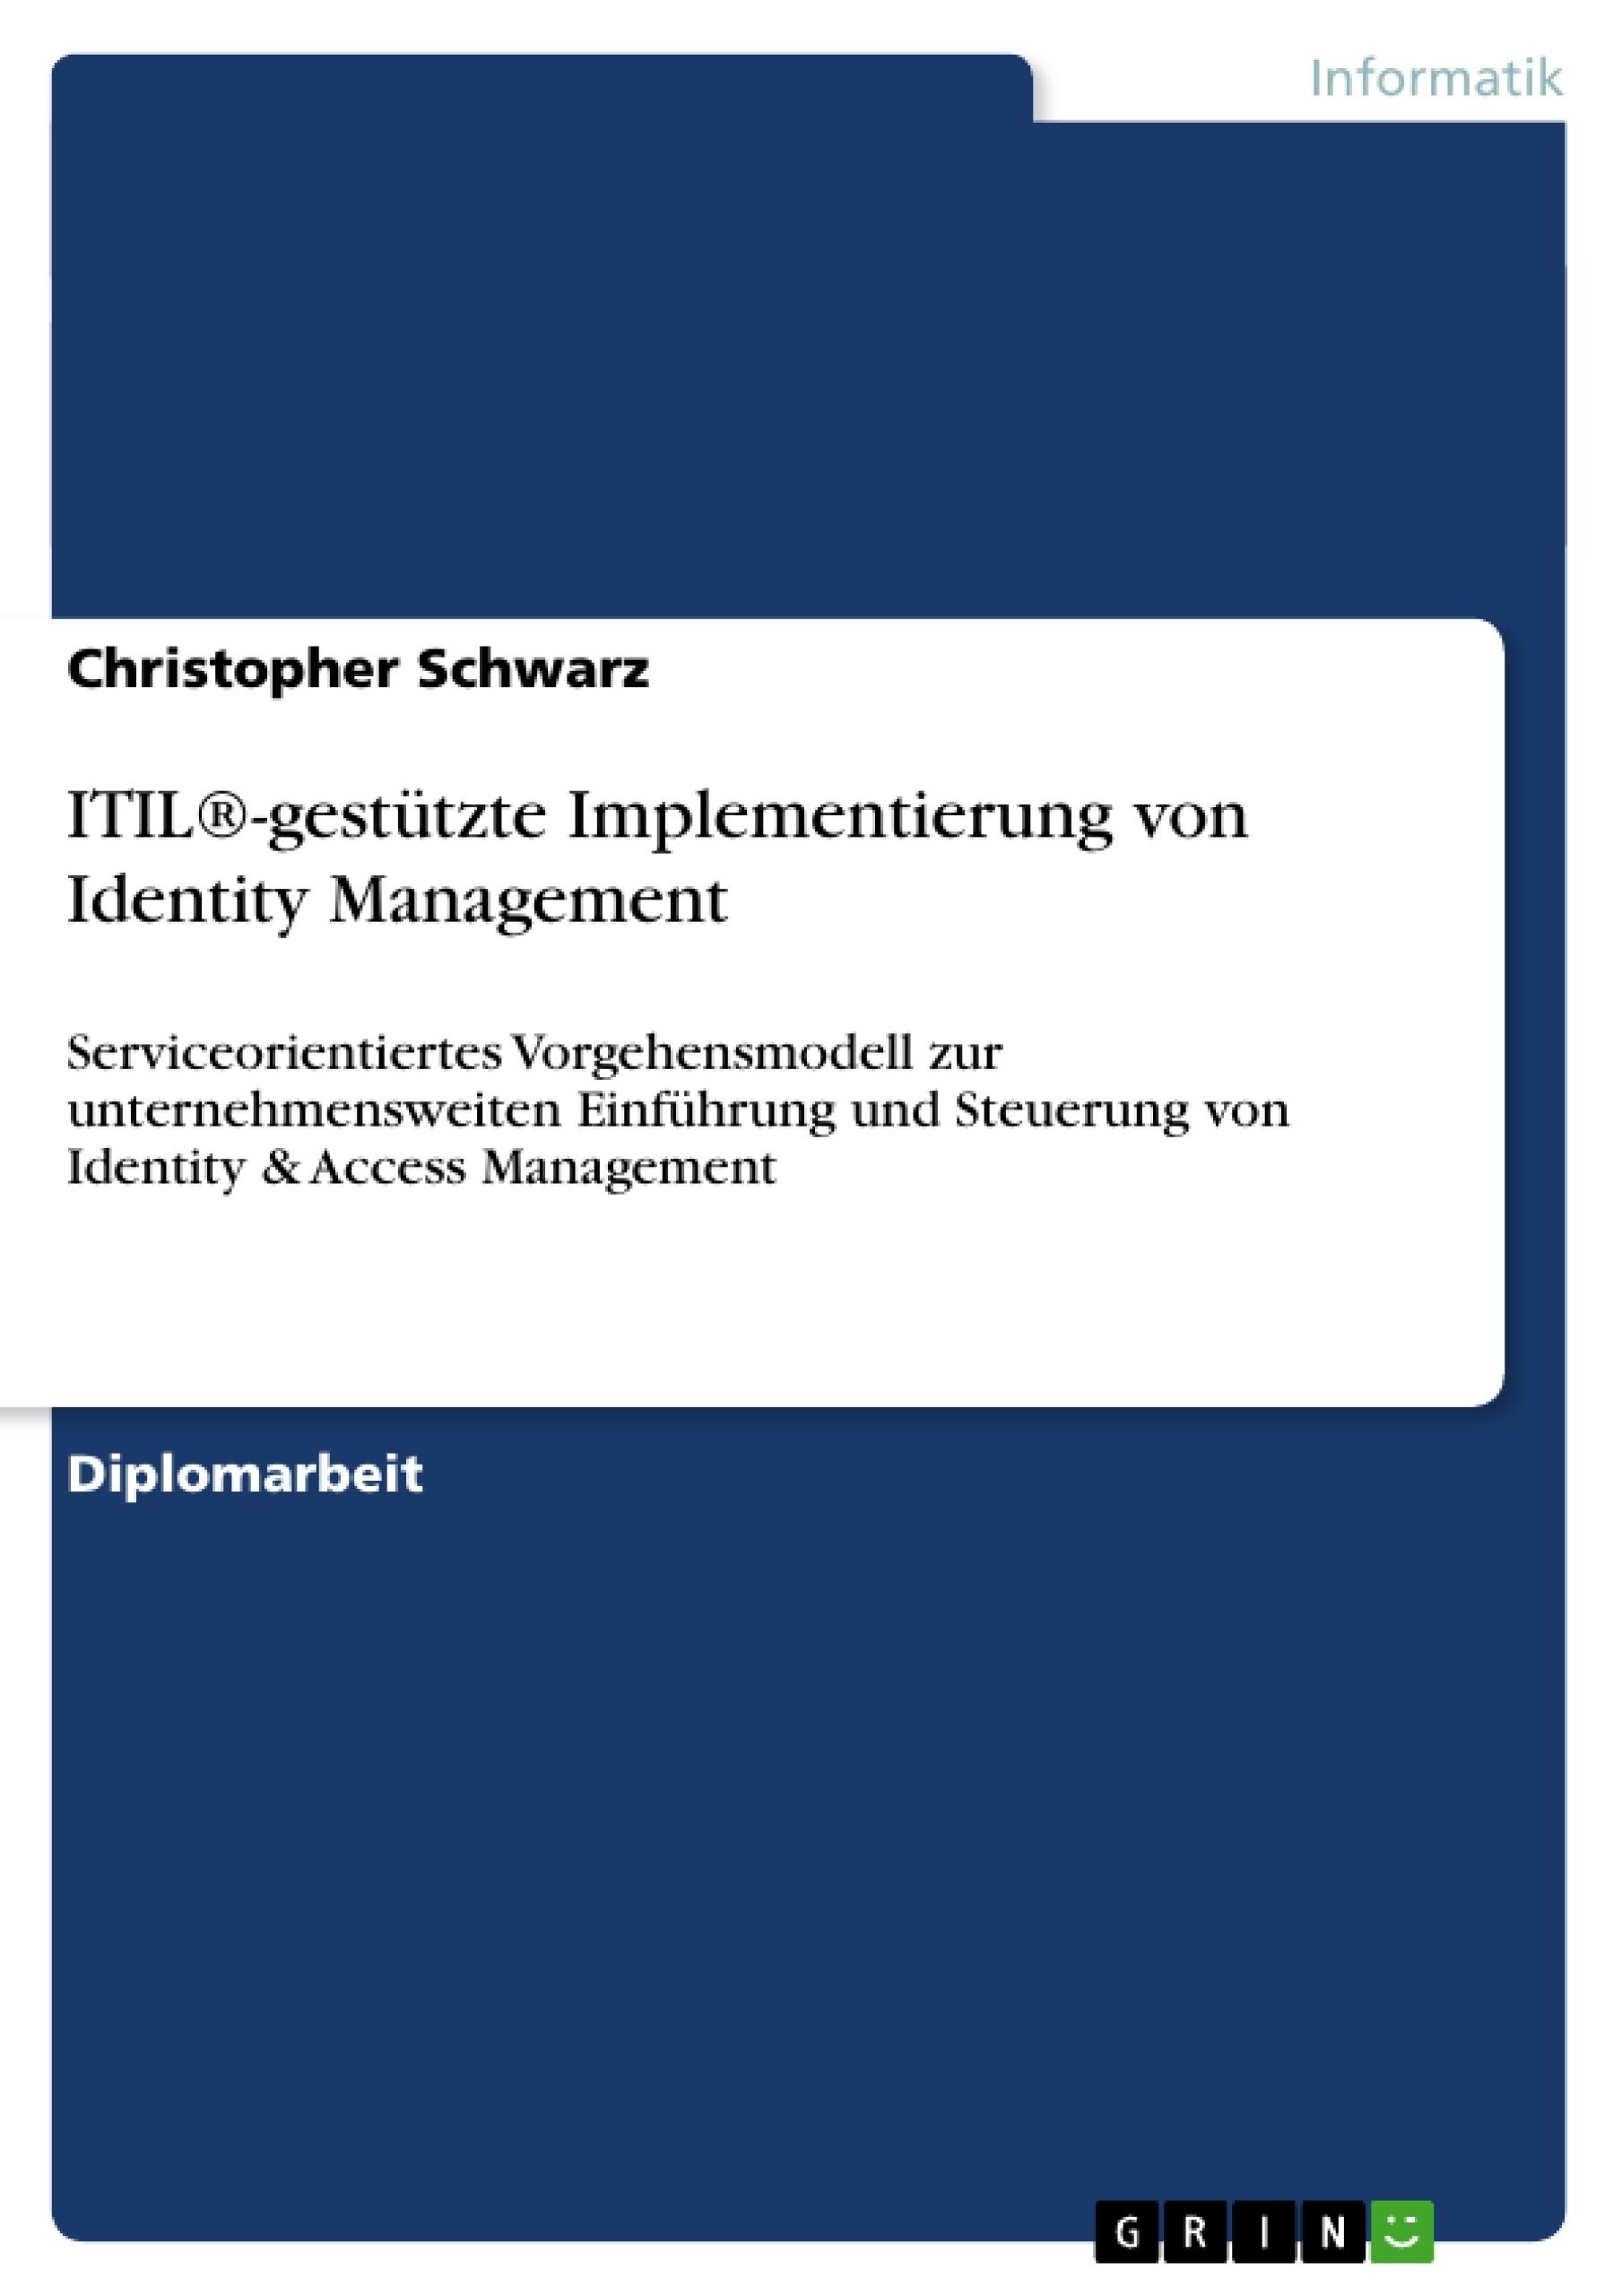 Titel: ITIL®-gestützte Implementierung von Identity Management